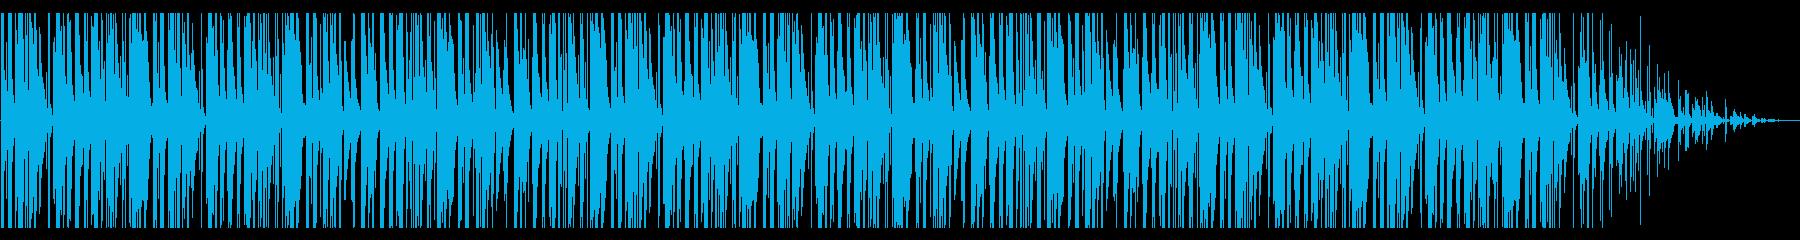 ふわふわ/ラフ/レゲエ風_No449の再生済みの波形